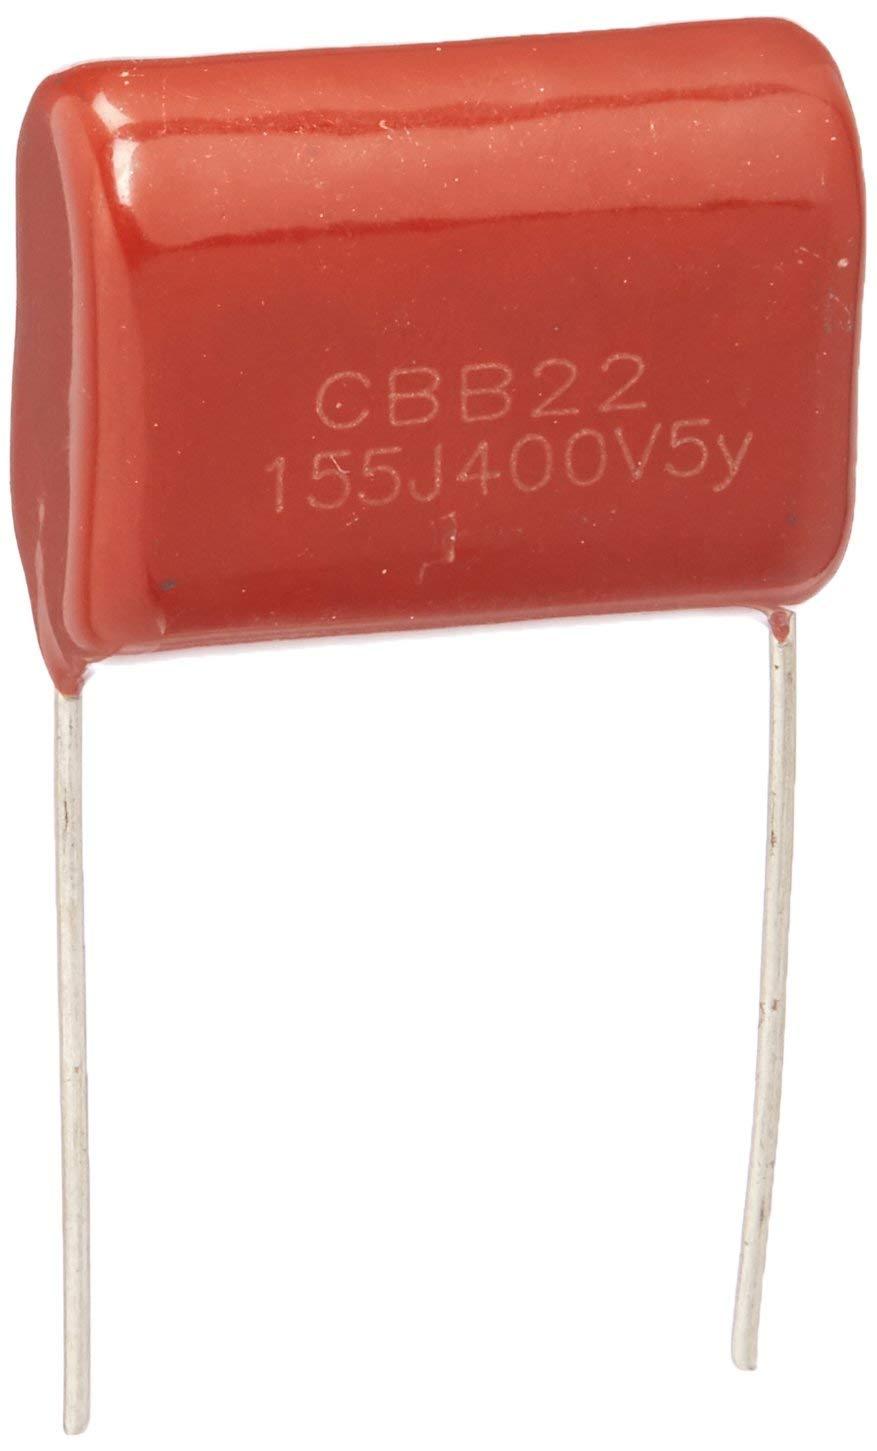 a14101300ux0563 10 Piece 1.5uF CBB22 400V Through Hole Polypropylene Film Capacitors